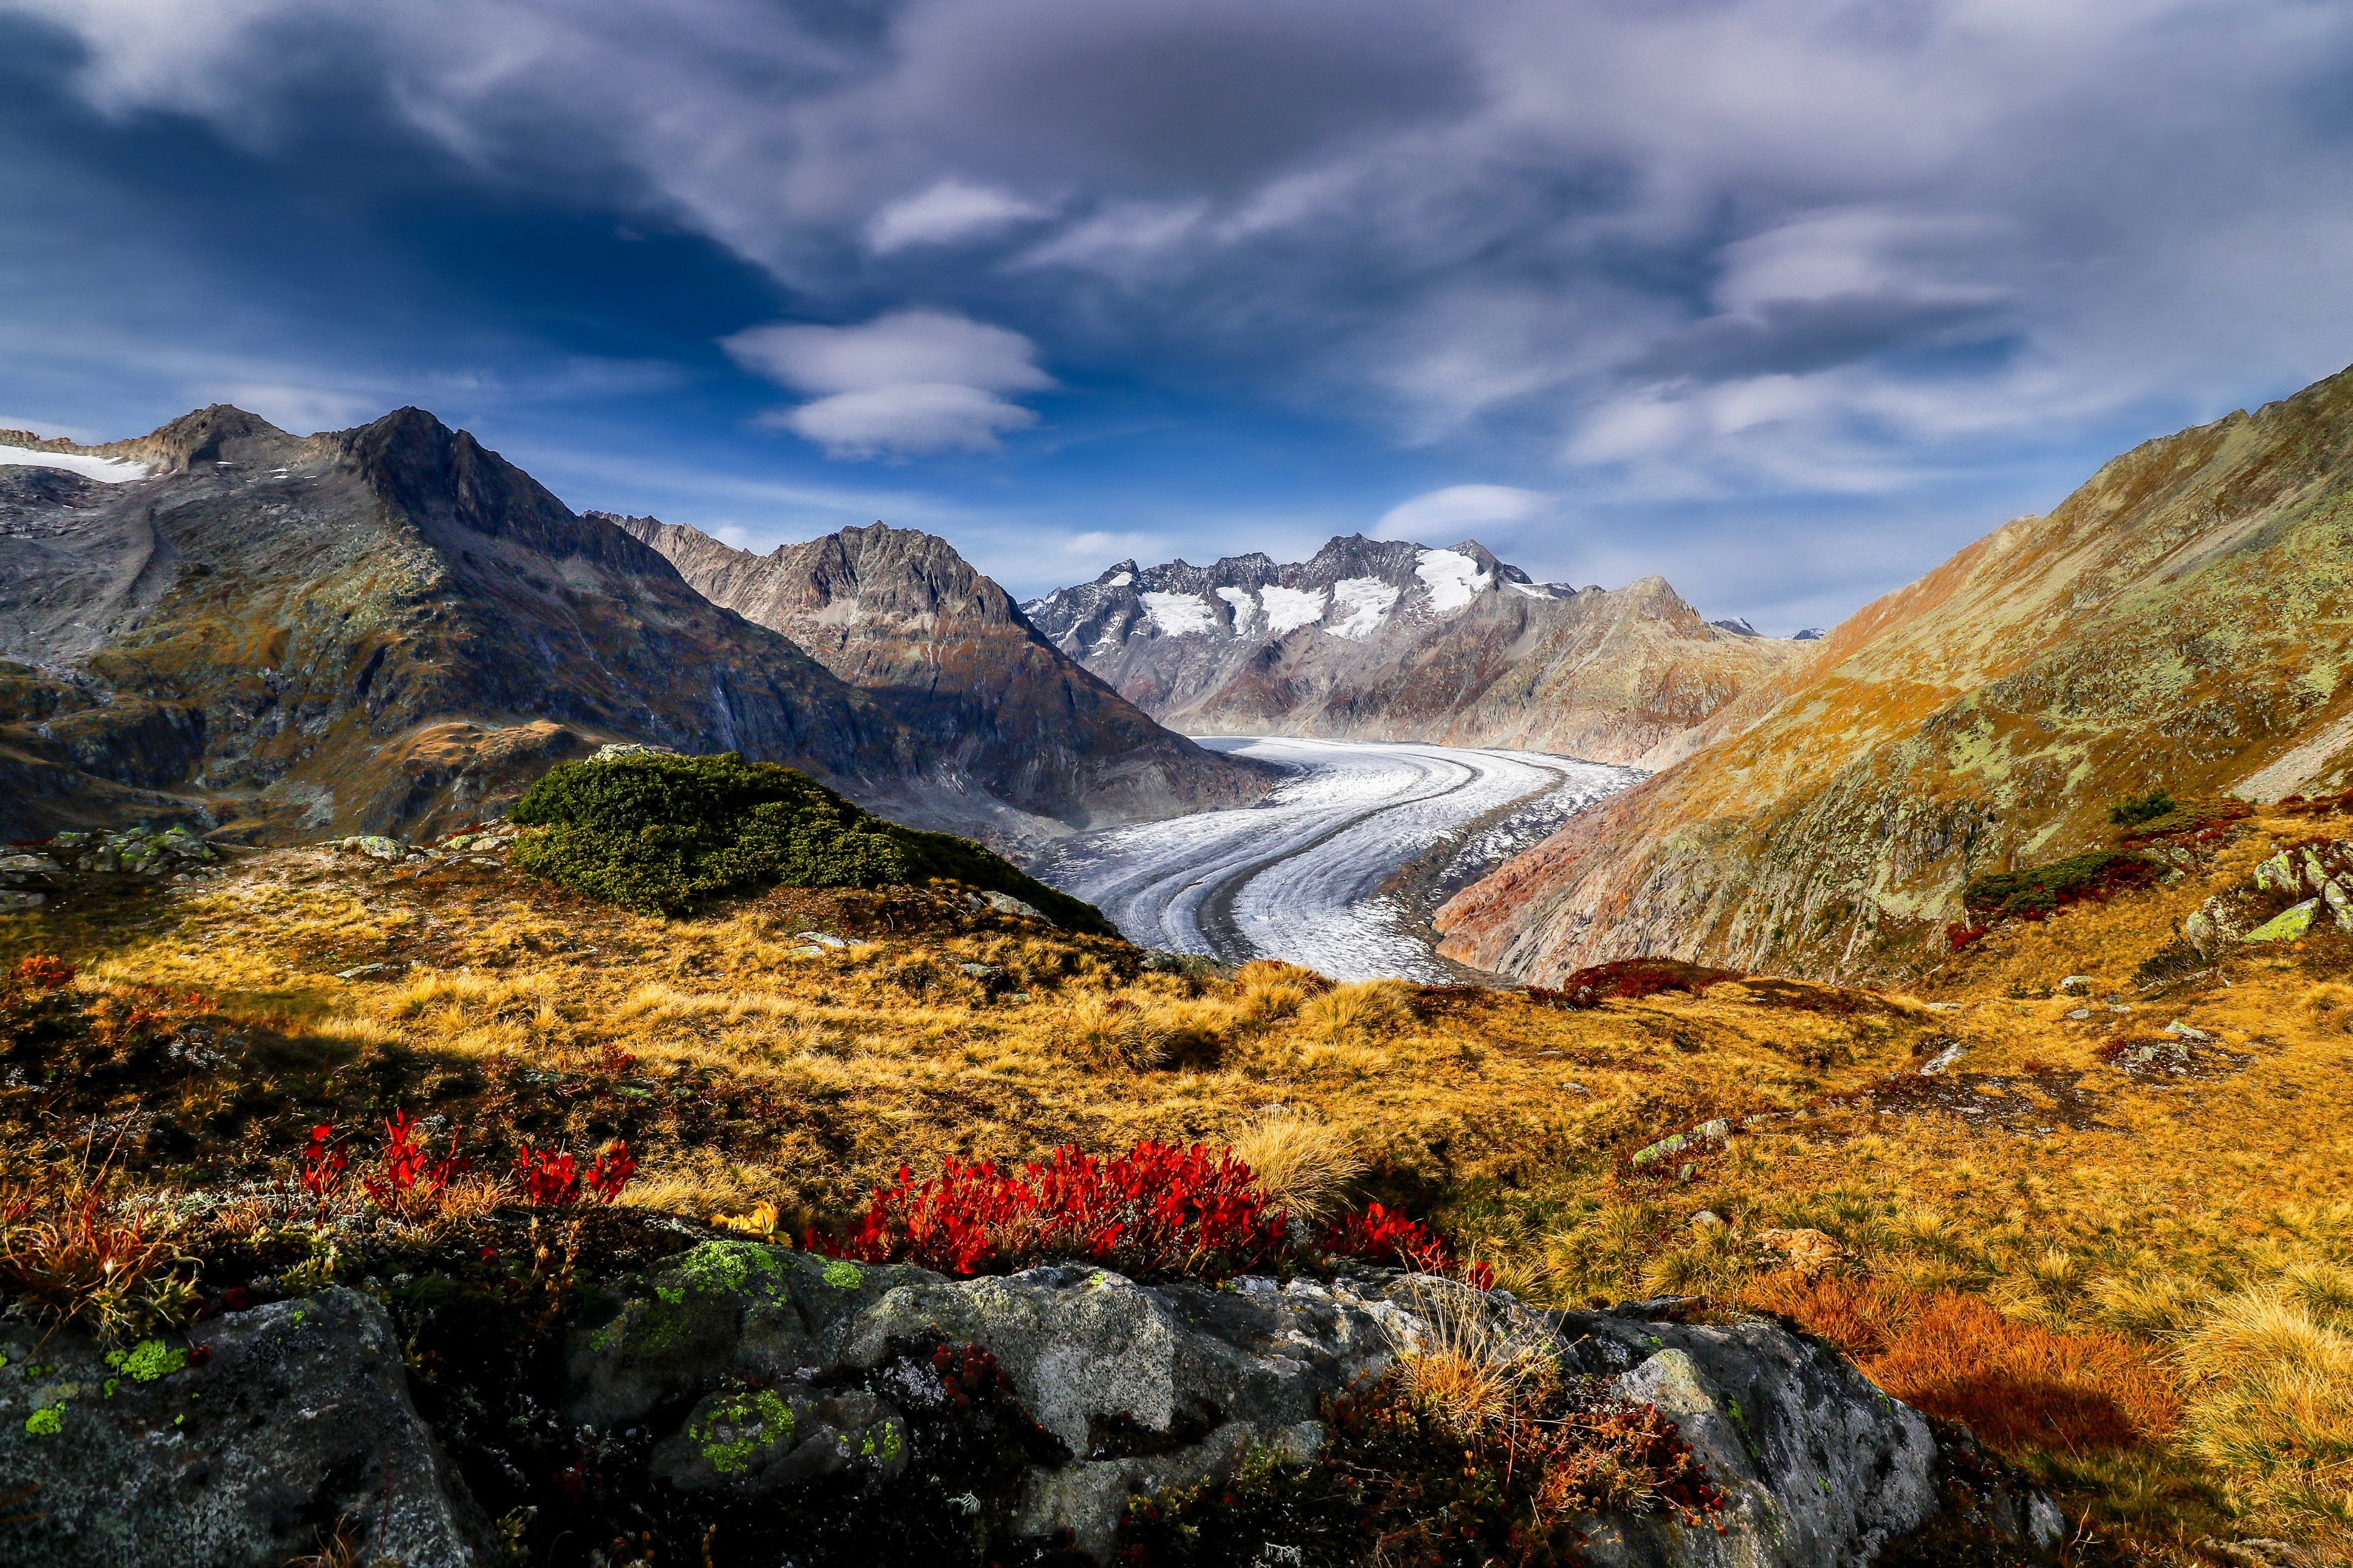 Картинки альп Швейцария Aletsch Glacier Горы Природа 3872x2581 Альпы гора